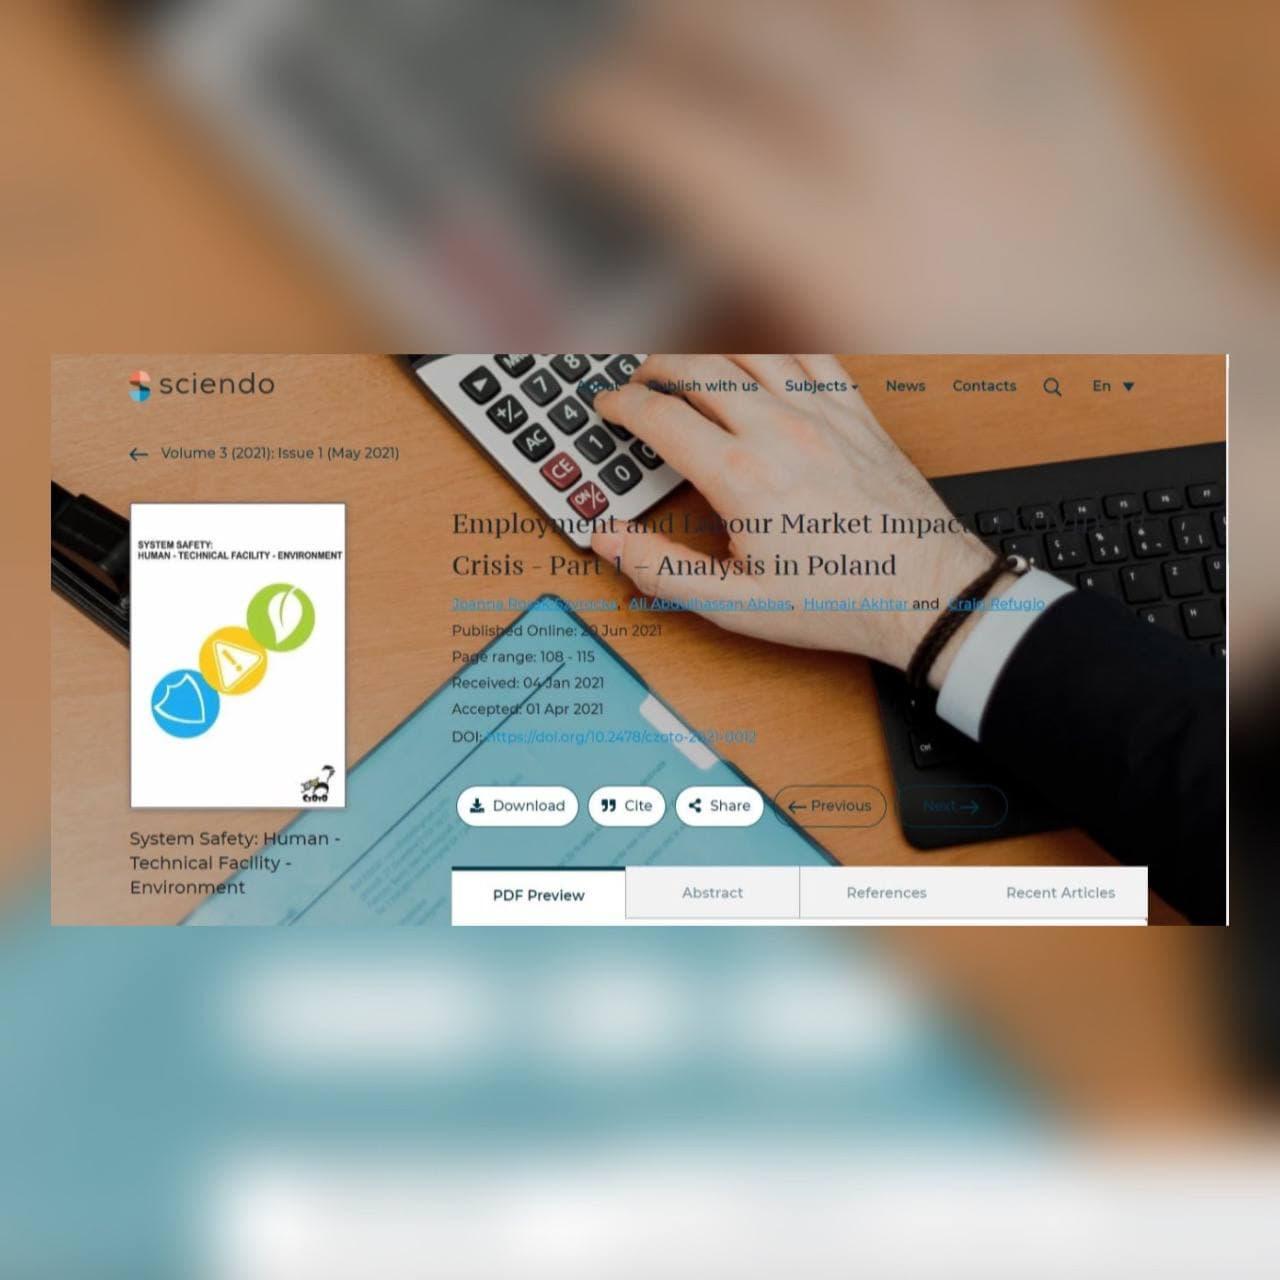 Read more about the article فريق بحثي من جامعة كربلاء وجامعة تشيستوشوا ينشر مقالة علمية عن التوظيف وتأثير سوق العمل لأزمة COVID-19